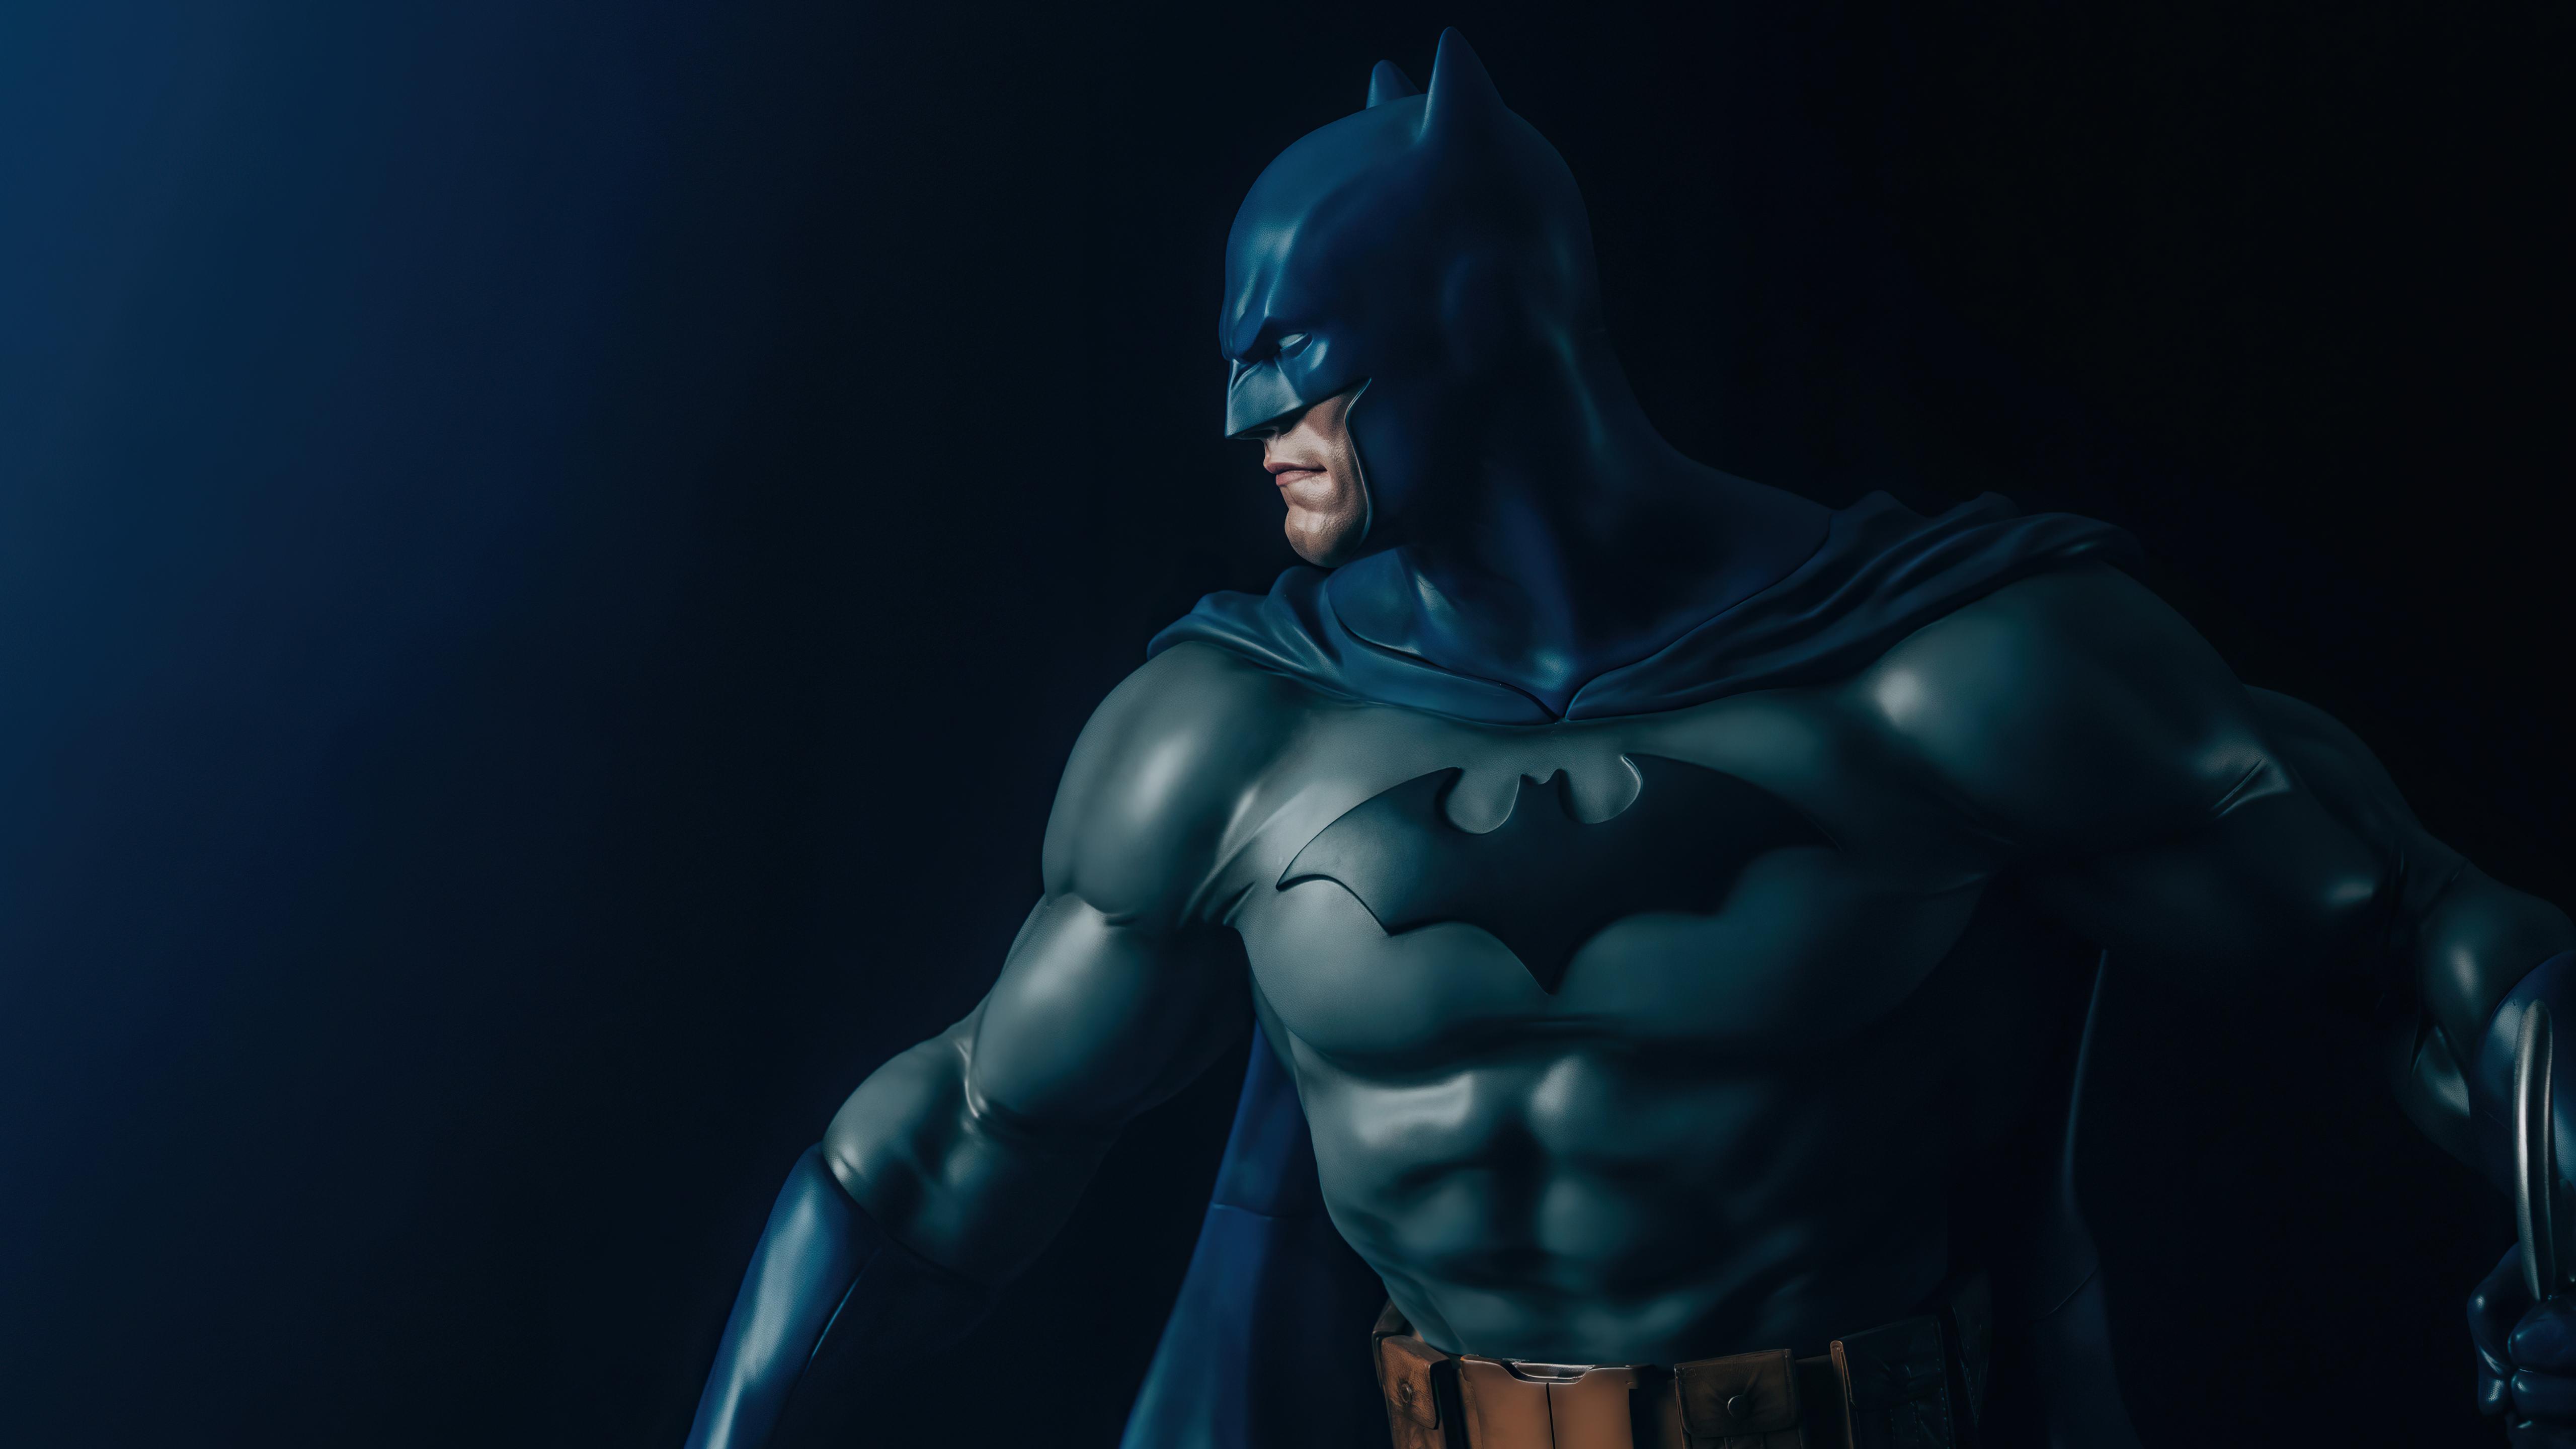 Wallpaper Batman on the side